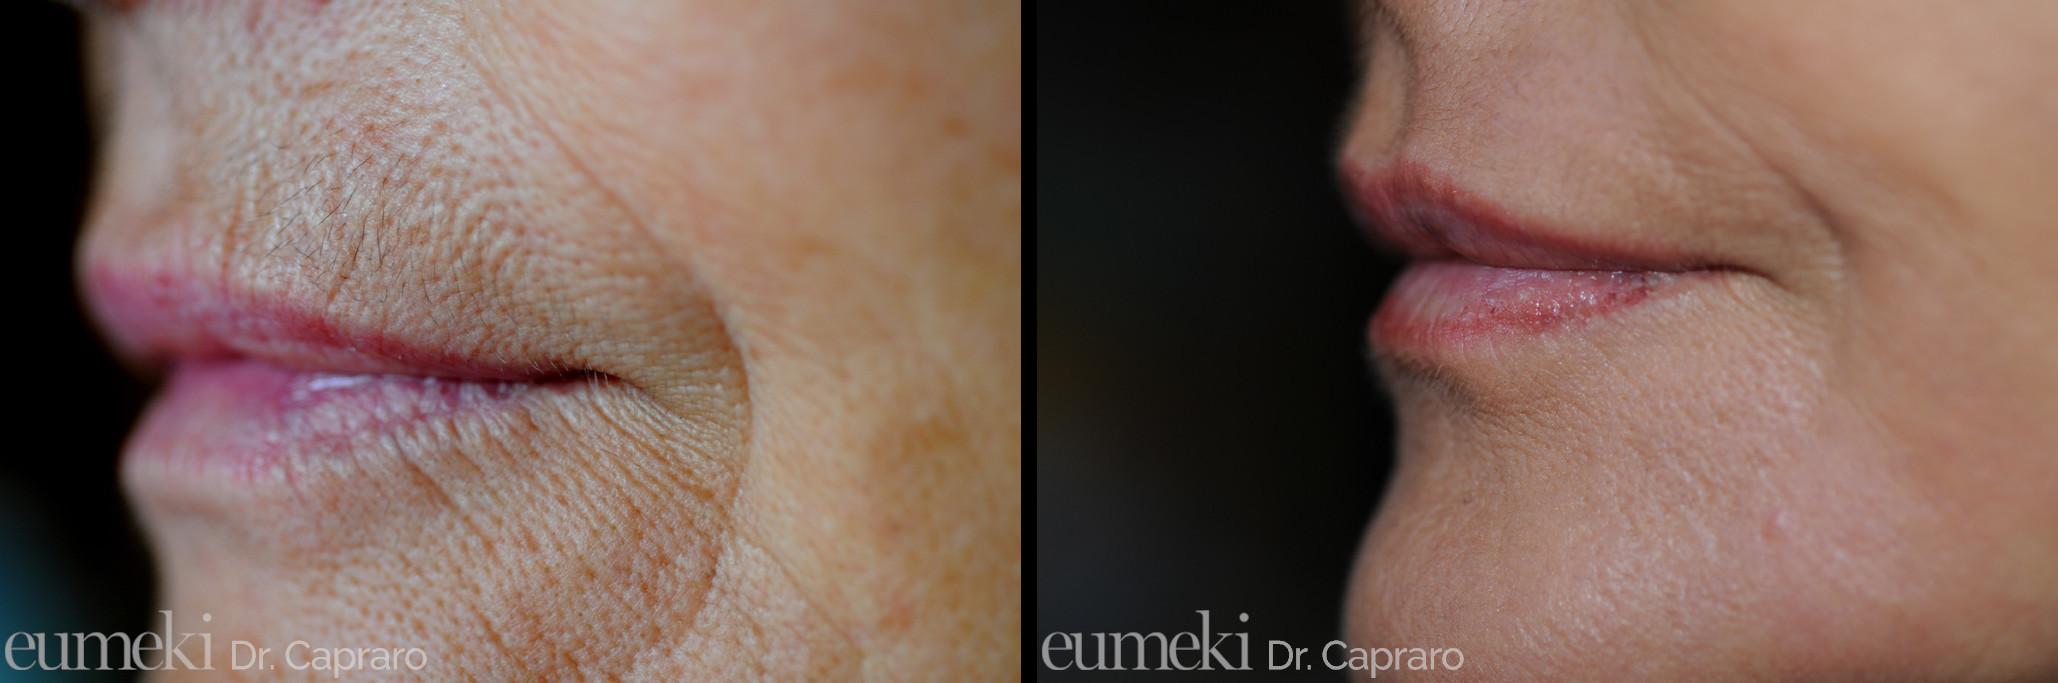 Caso 2 - Rimodellamento labbra con grasso e dermoabrasione - laterale